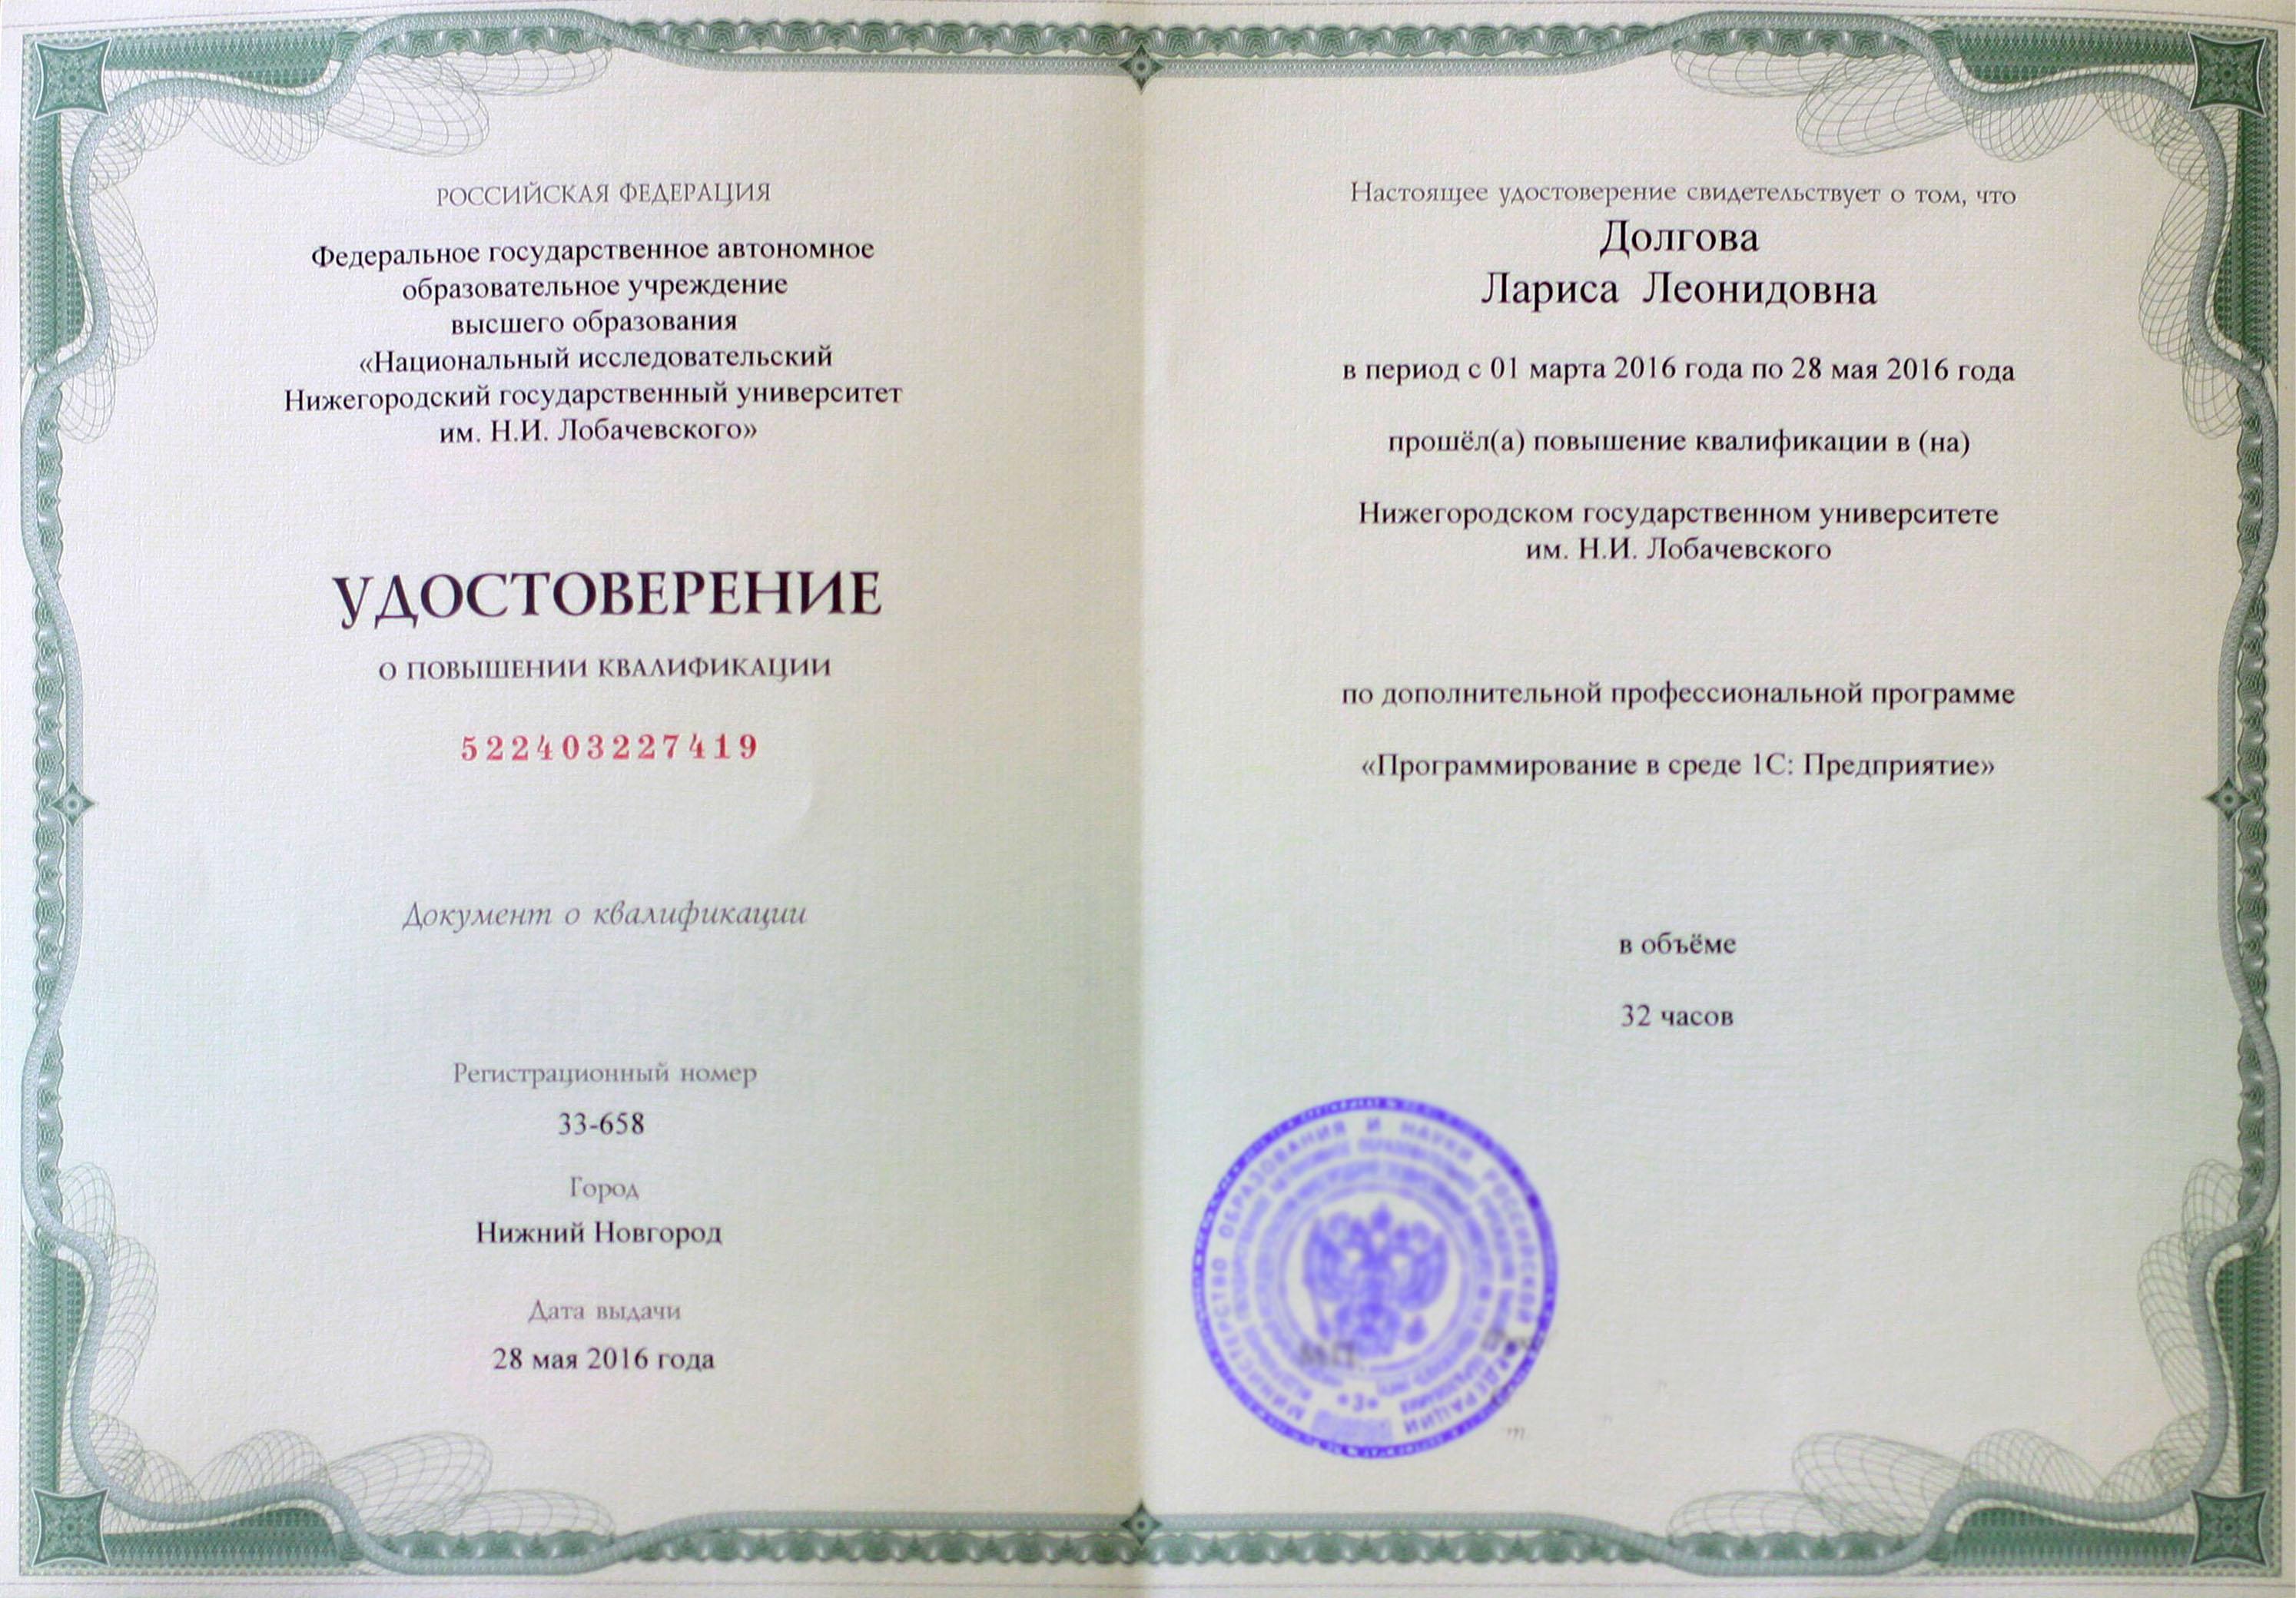 удостоверение о повышения квалификации программиста 1С